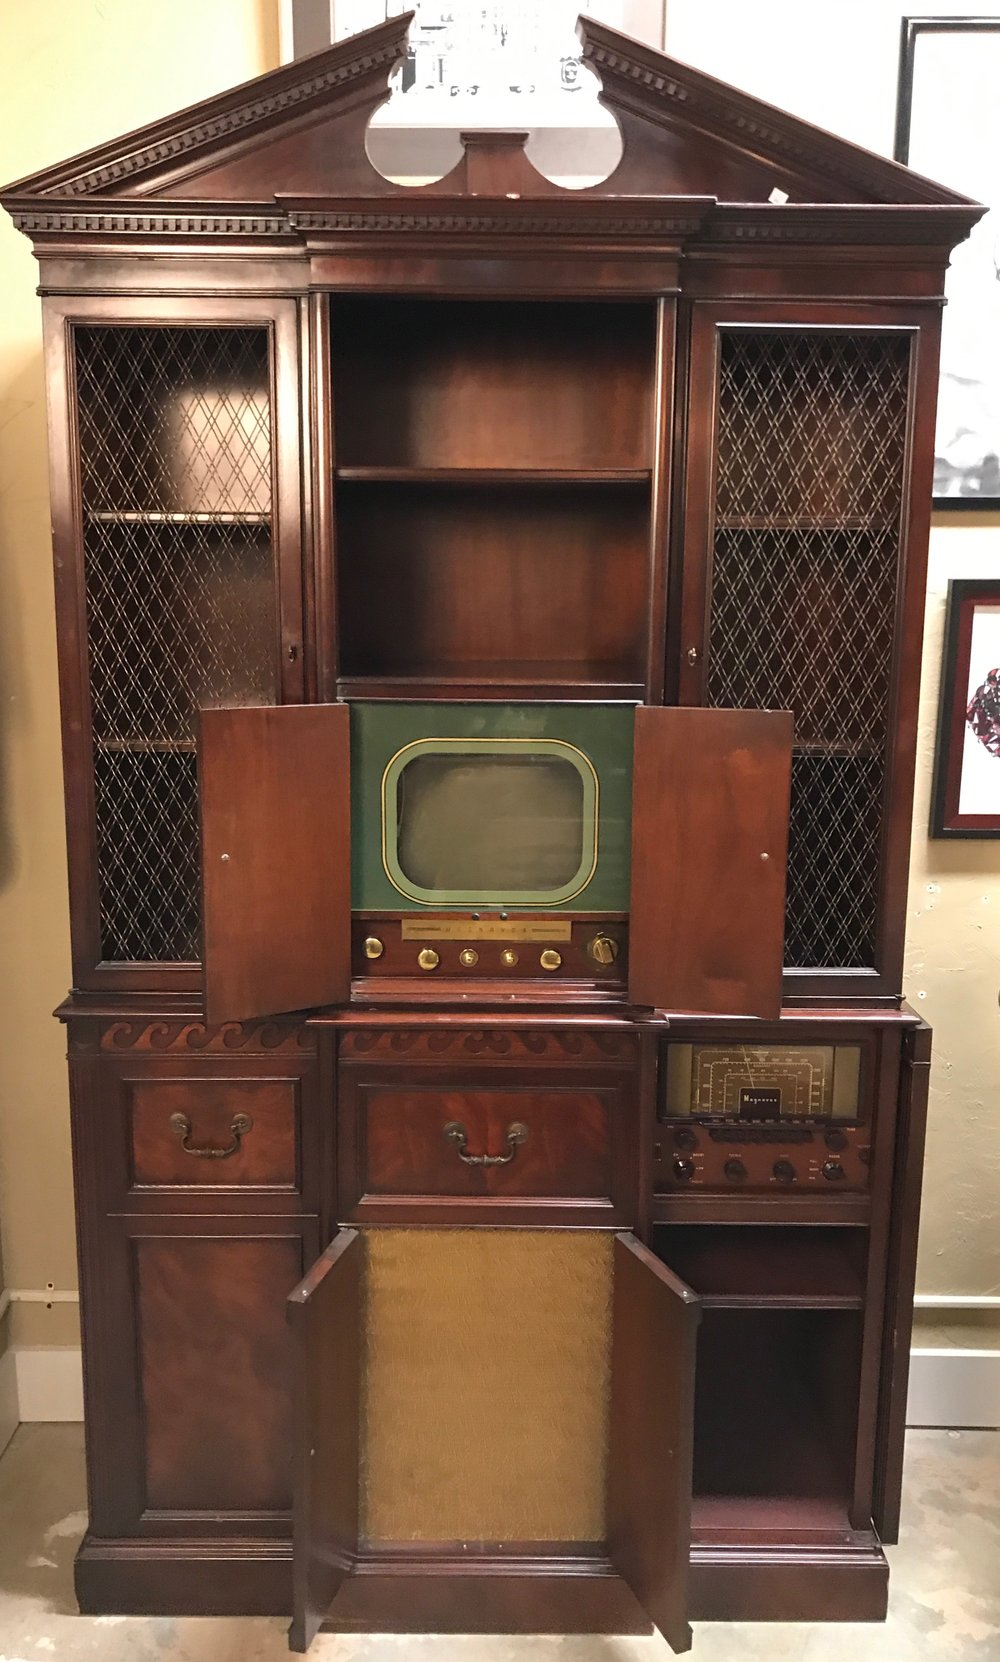 Magnavox Imperial Windsor Cabinet $849.00 -  C0924 19630